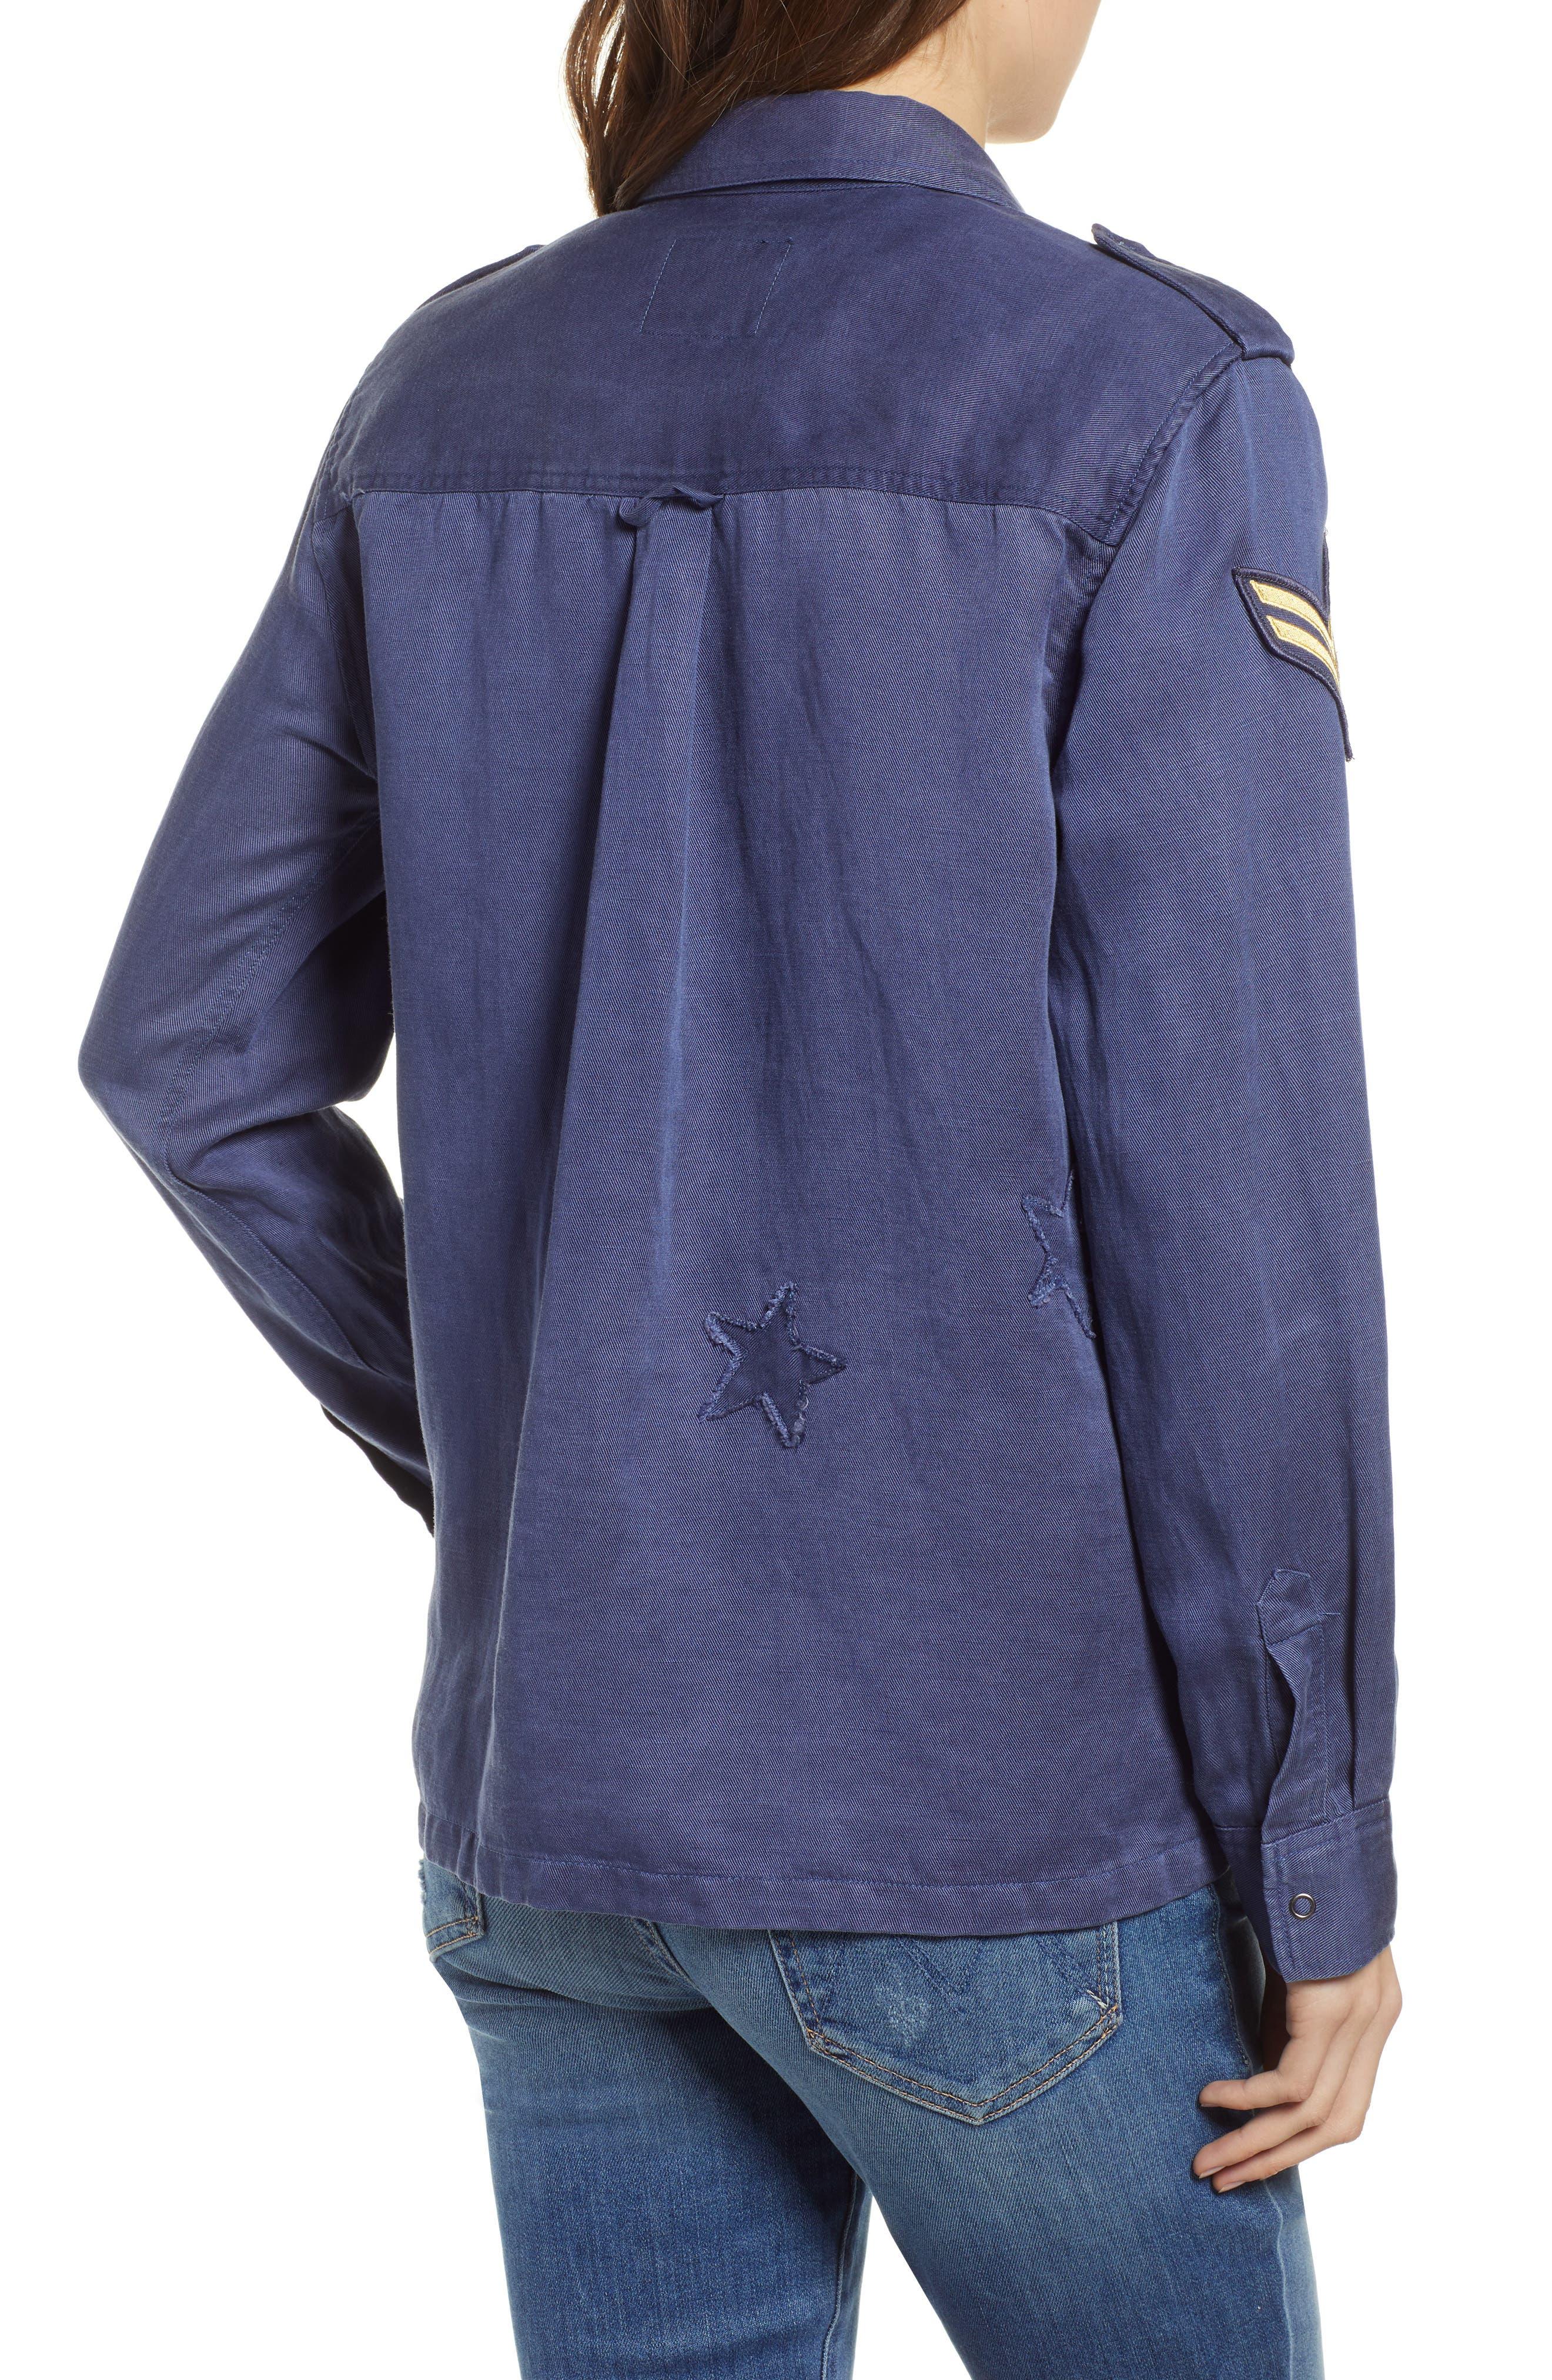 Kato Military Shirt,                             Alternate thumbnail 2, color,                             TOKYO BLUE